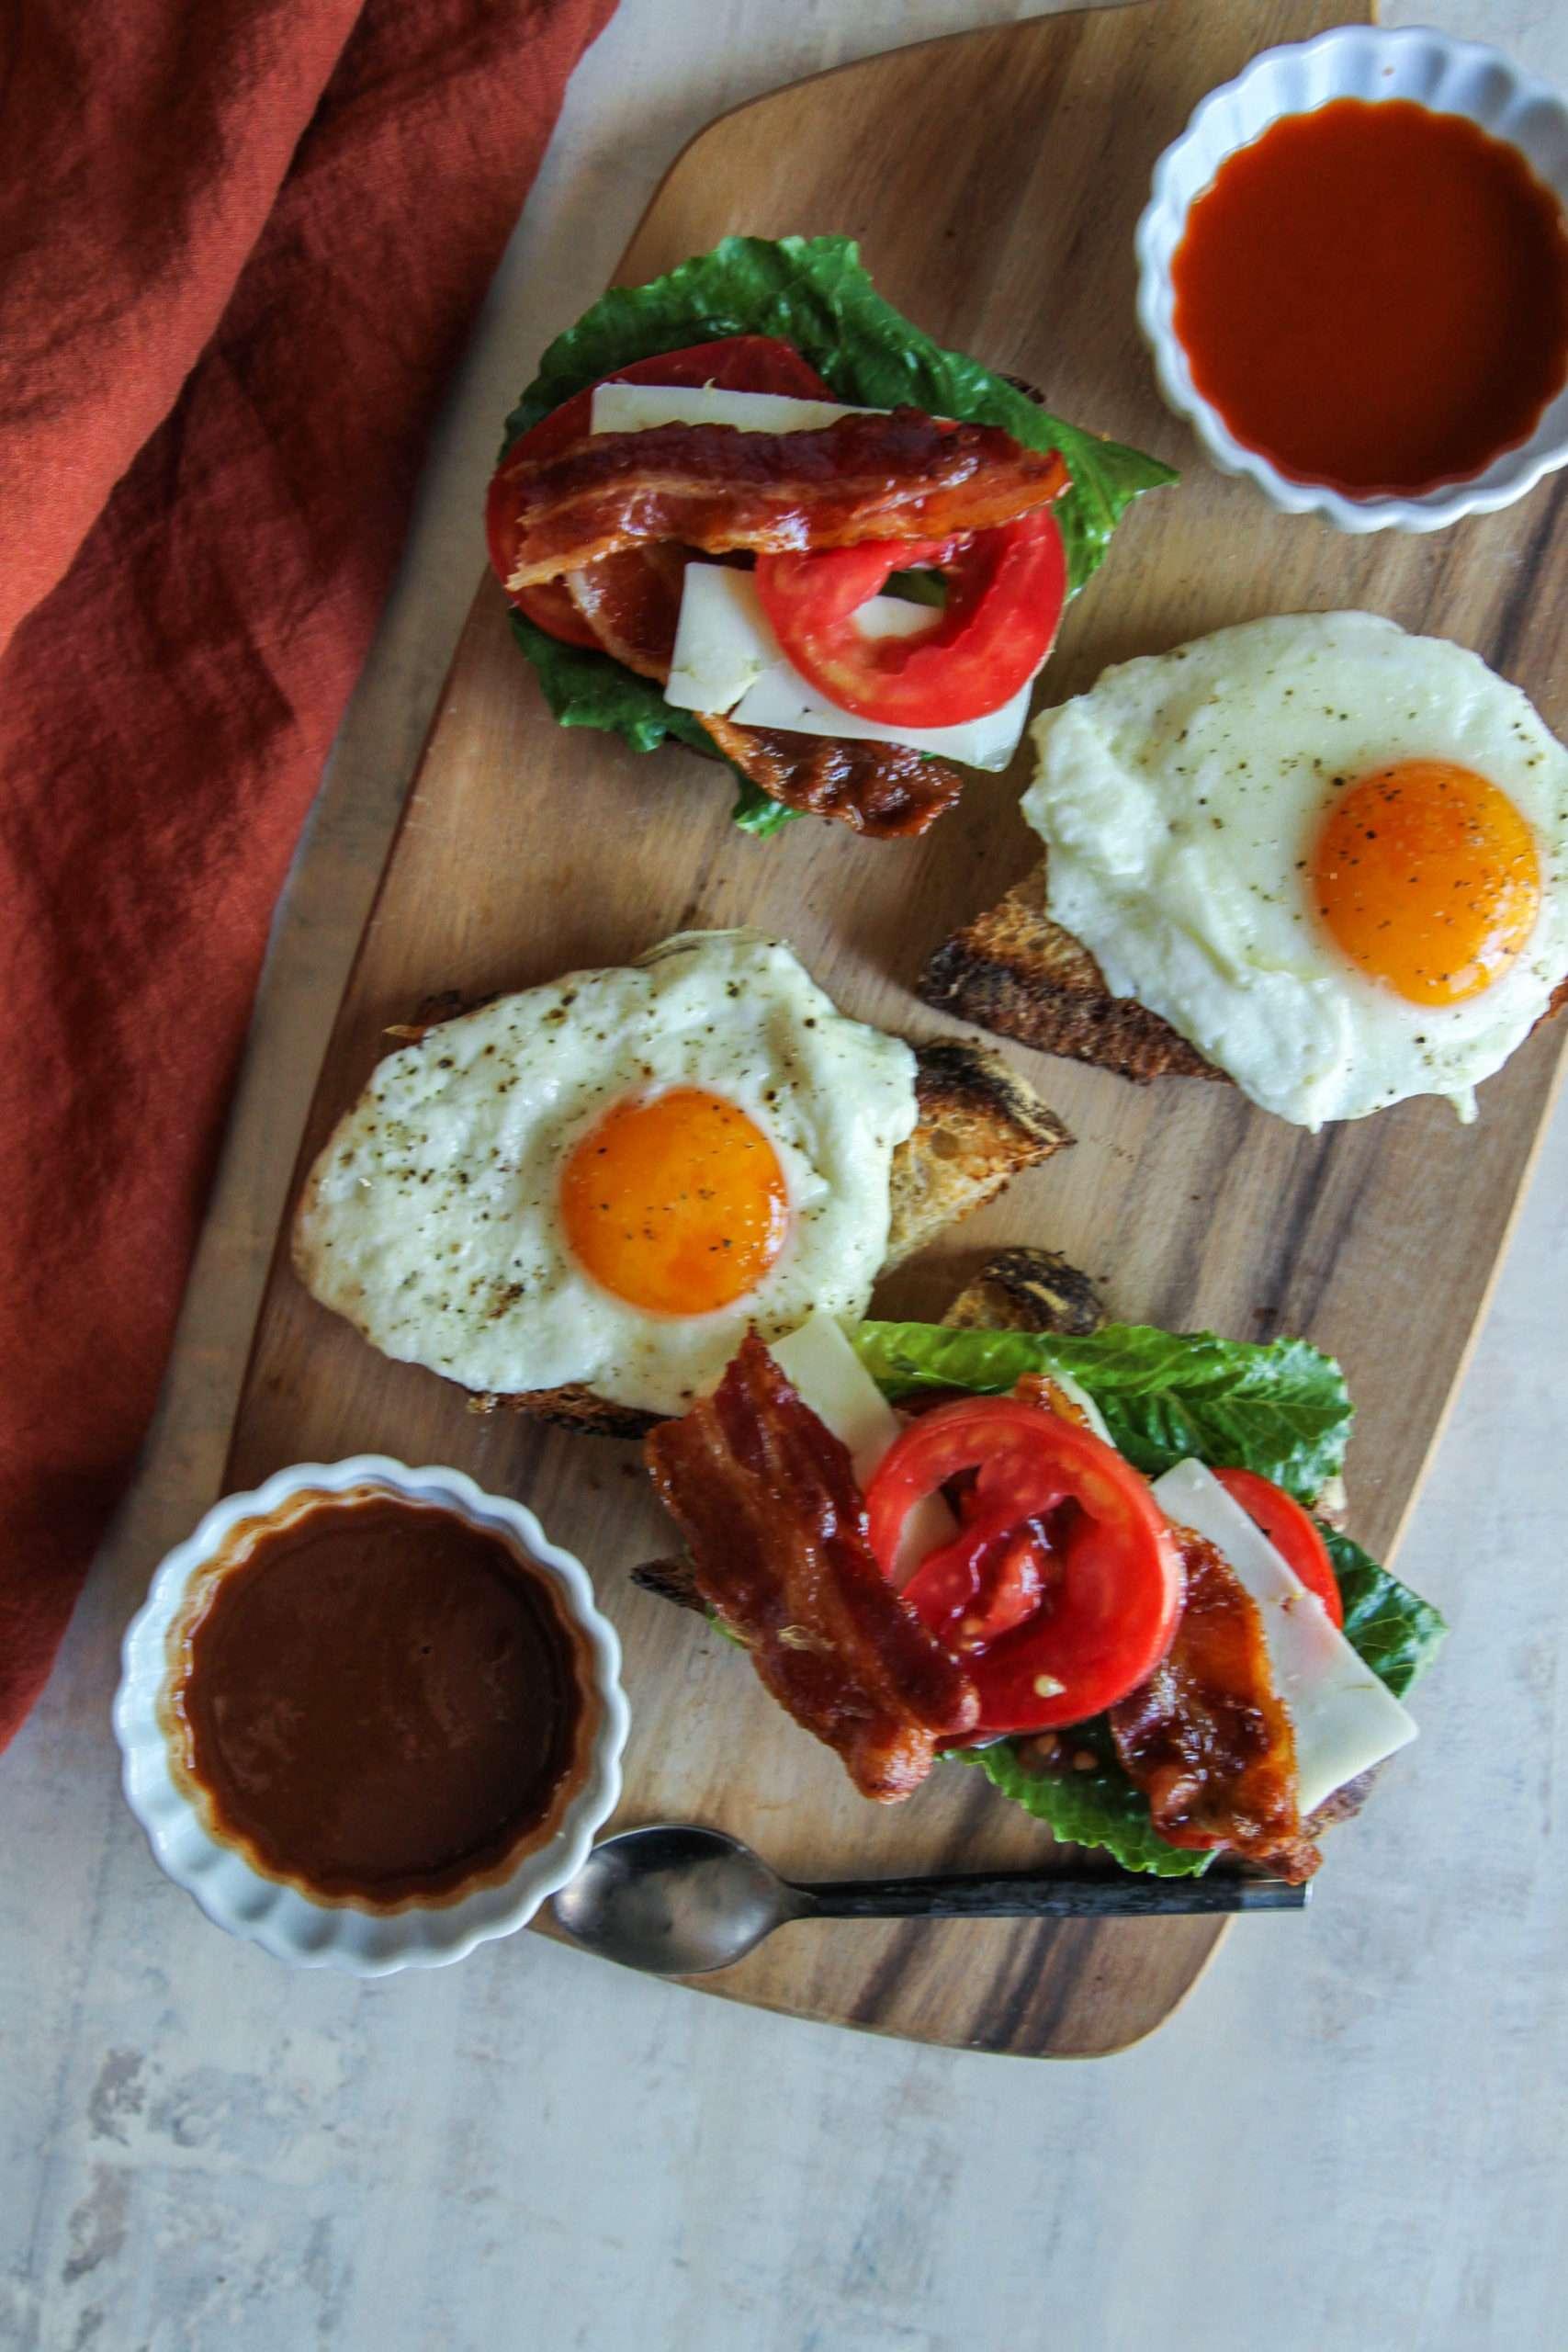 The most amazing recipe for a beltch breakfast sandwich